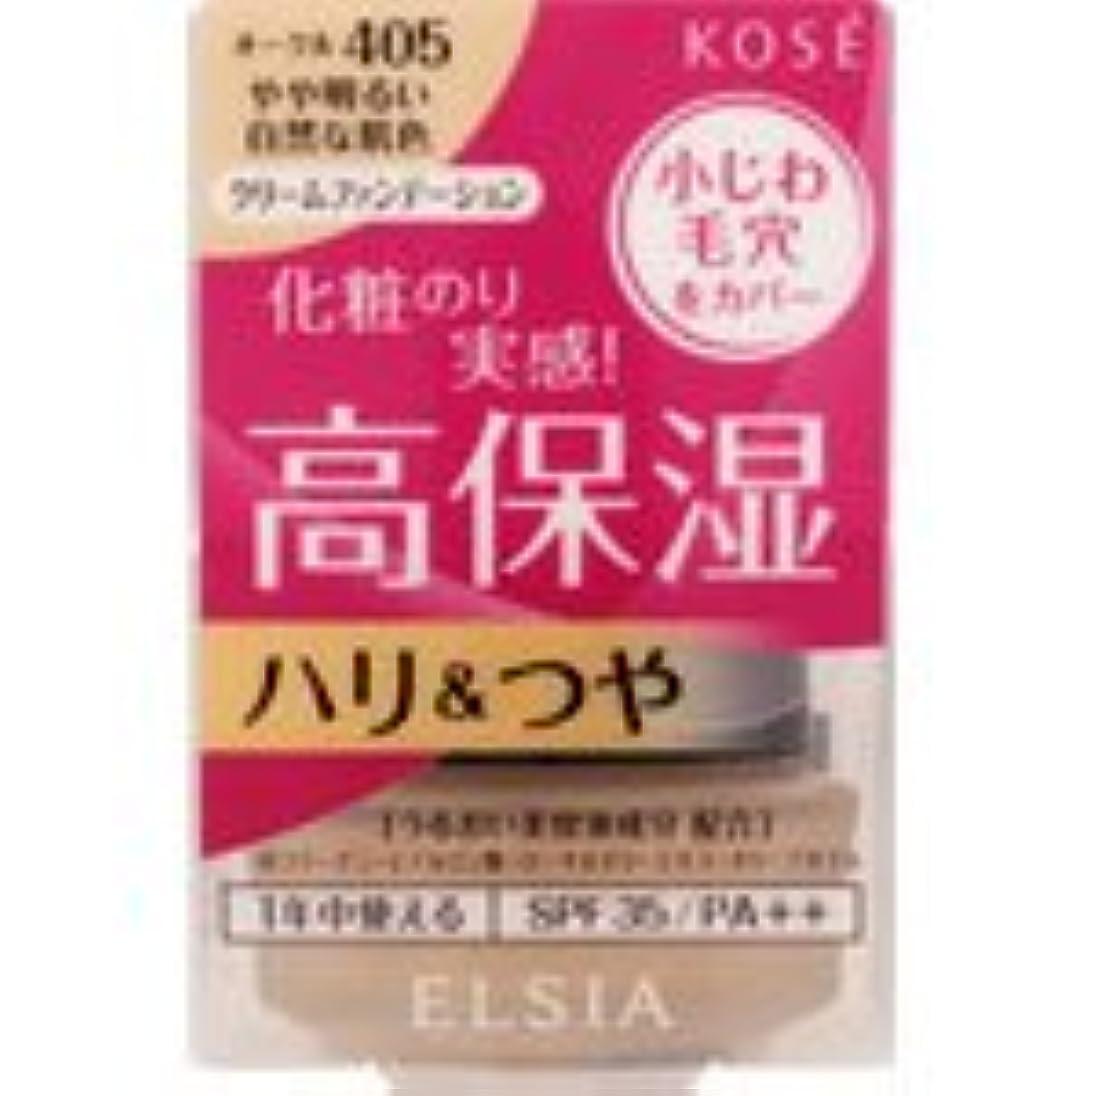 敏感な大混乱温かいコーセー エルシア プラチナム 保湿美容液 クリームファンデーション 405